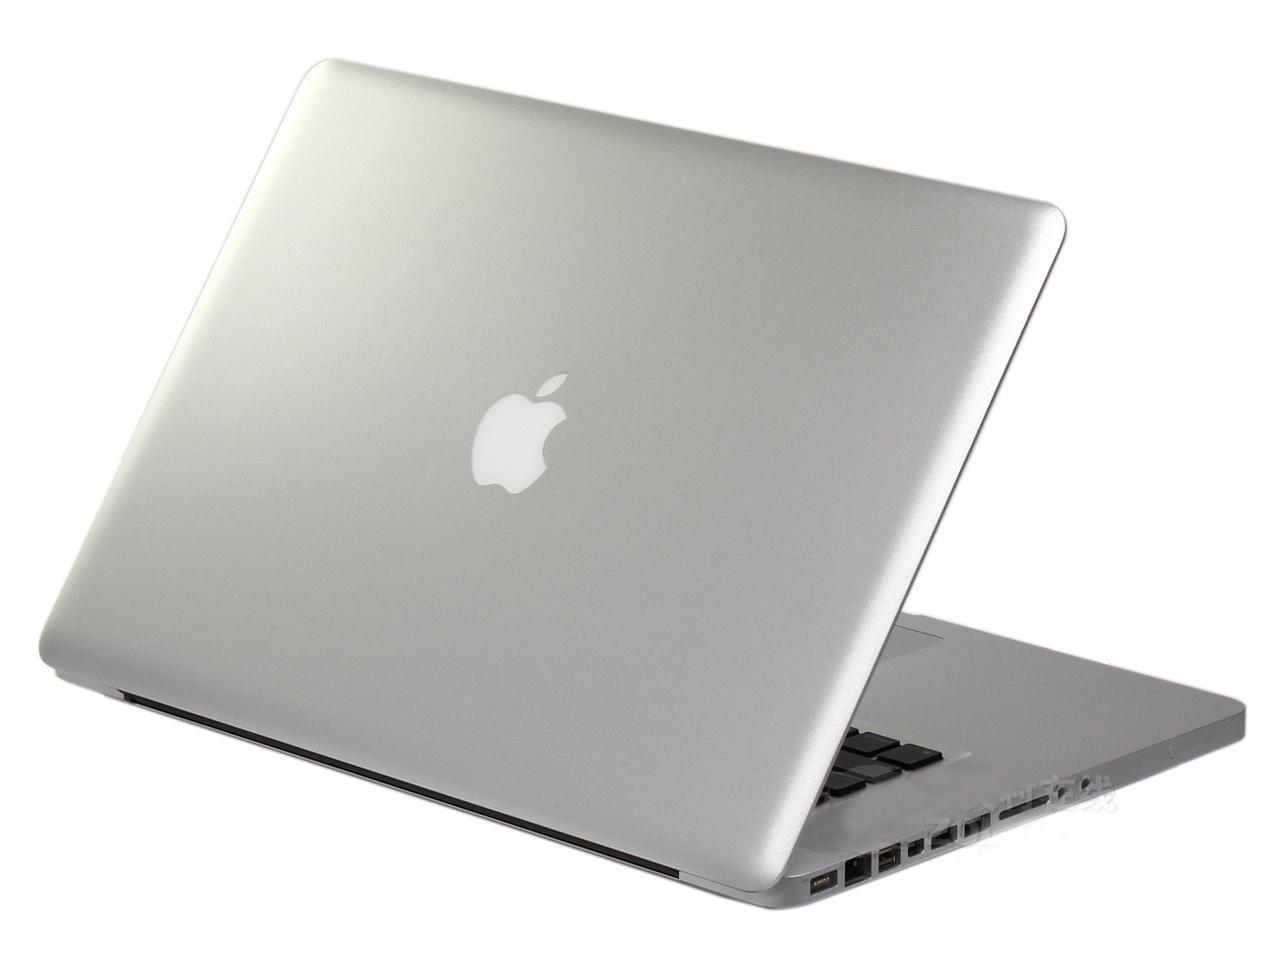 新款苹果手提电脑